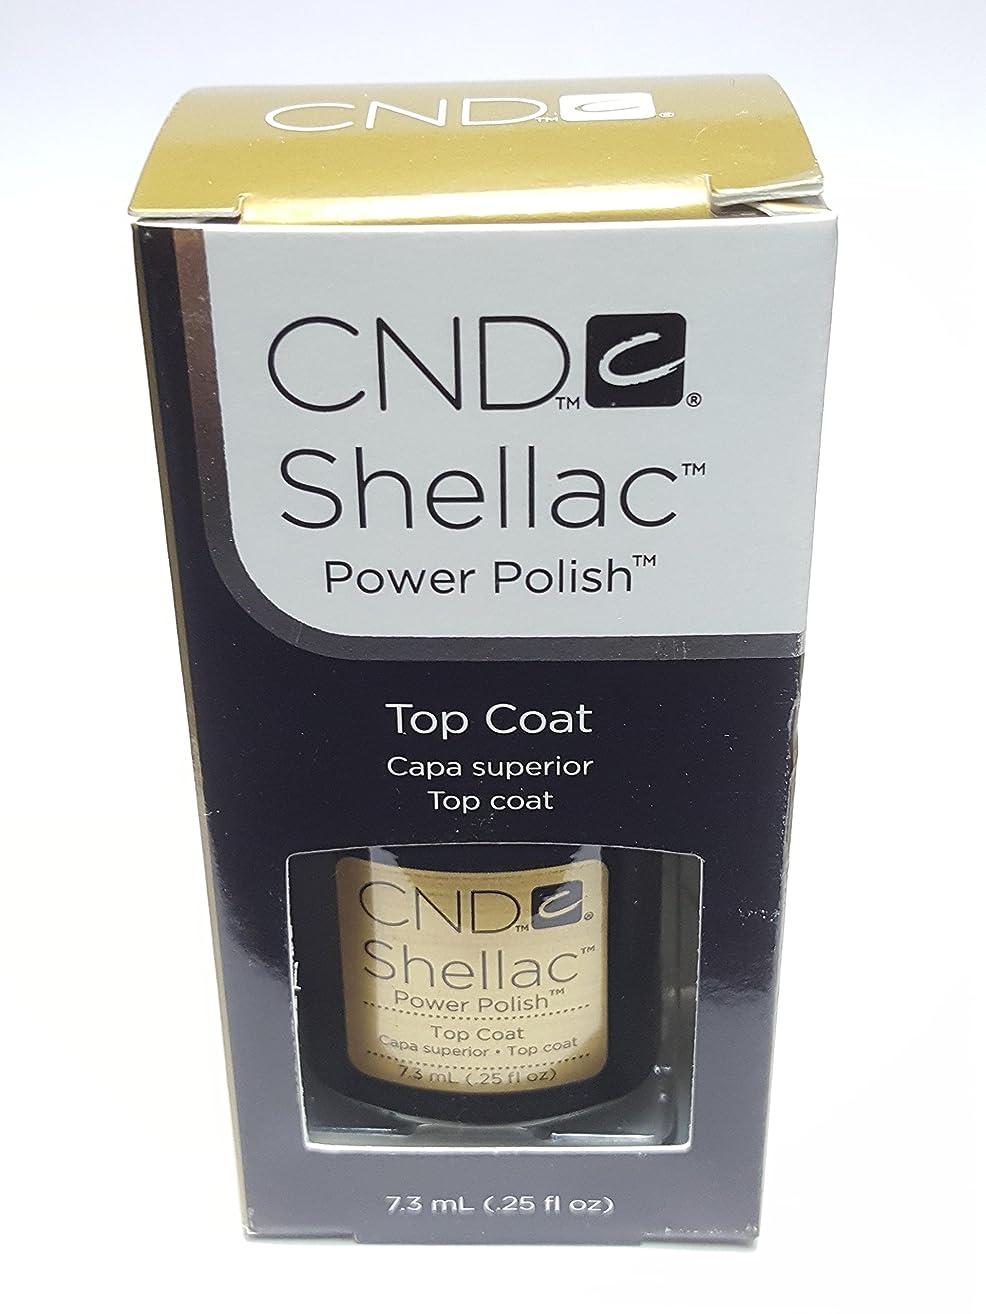 ではごきげんようダウン守るCND シーエヌディー shellac シェラック パワーポリッシュ UVトップコート 7.3ml 炭酸泉タブレット1個付き